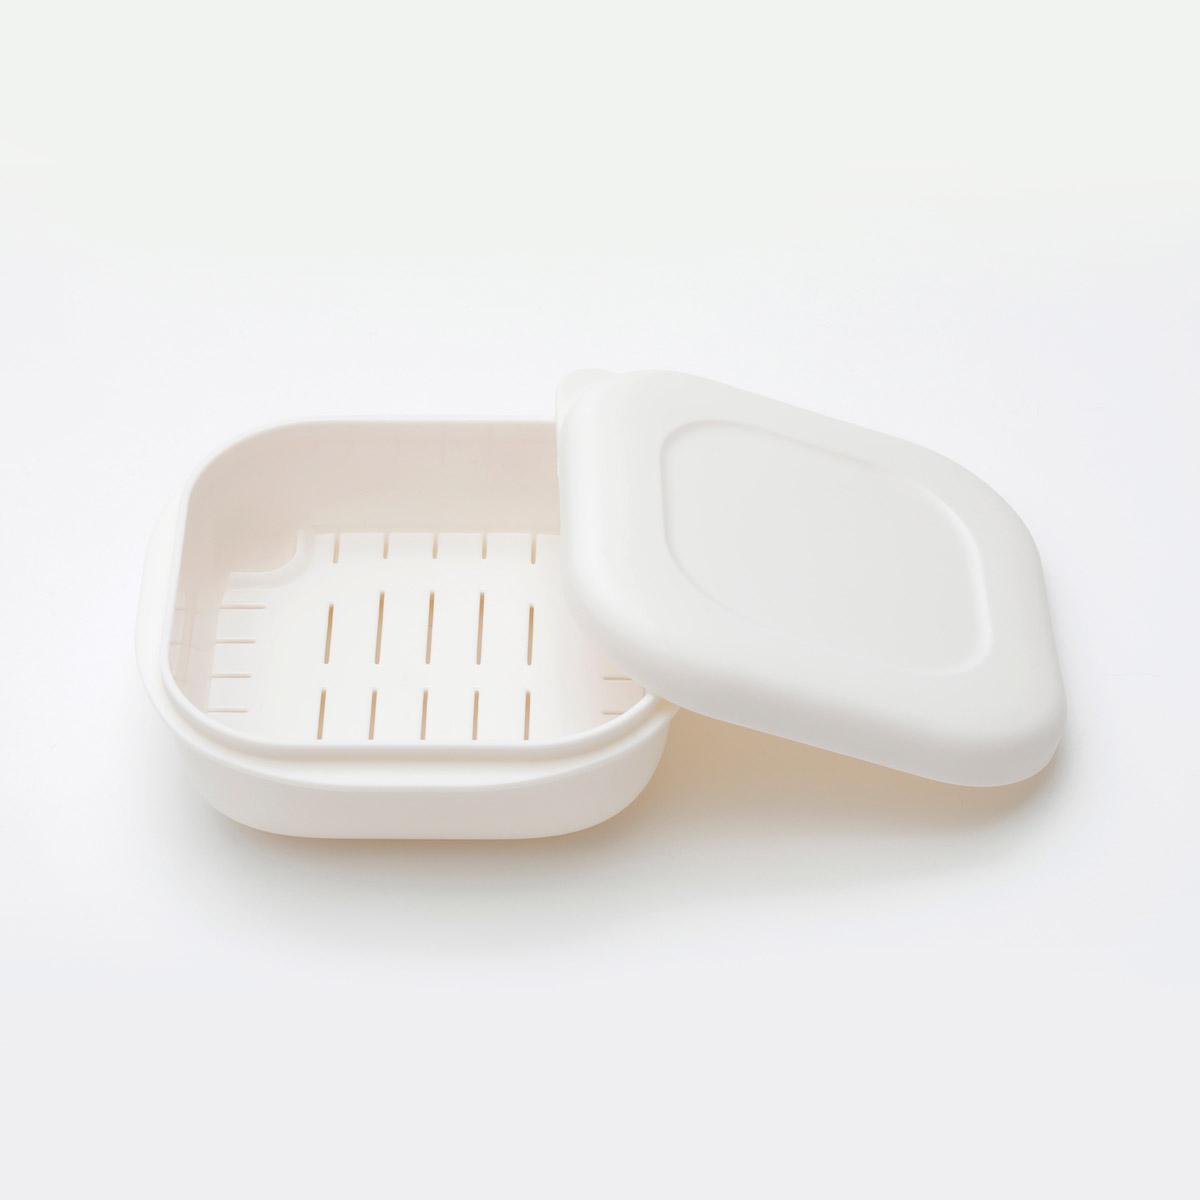 マーナ 極冷凍ごはん容器2個入り K748